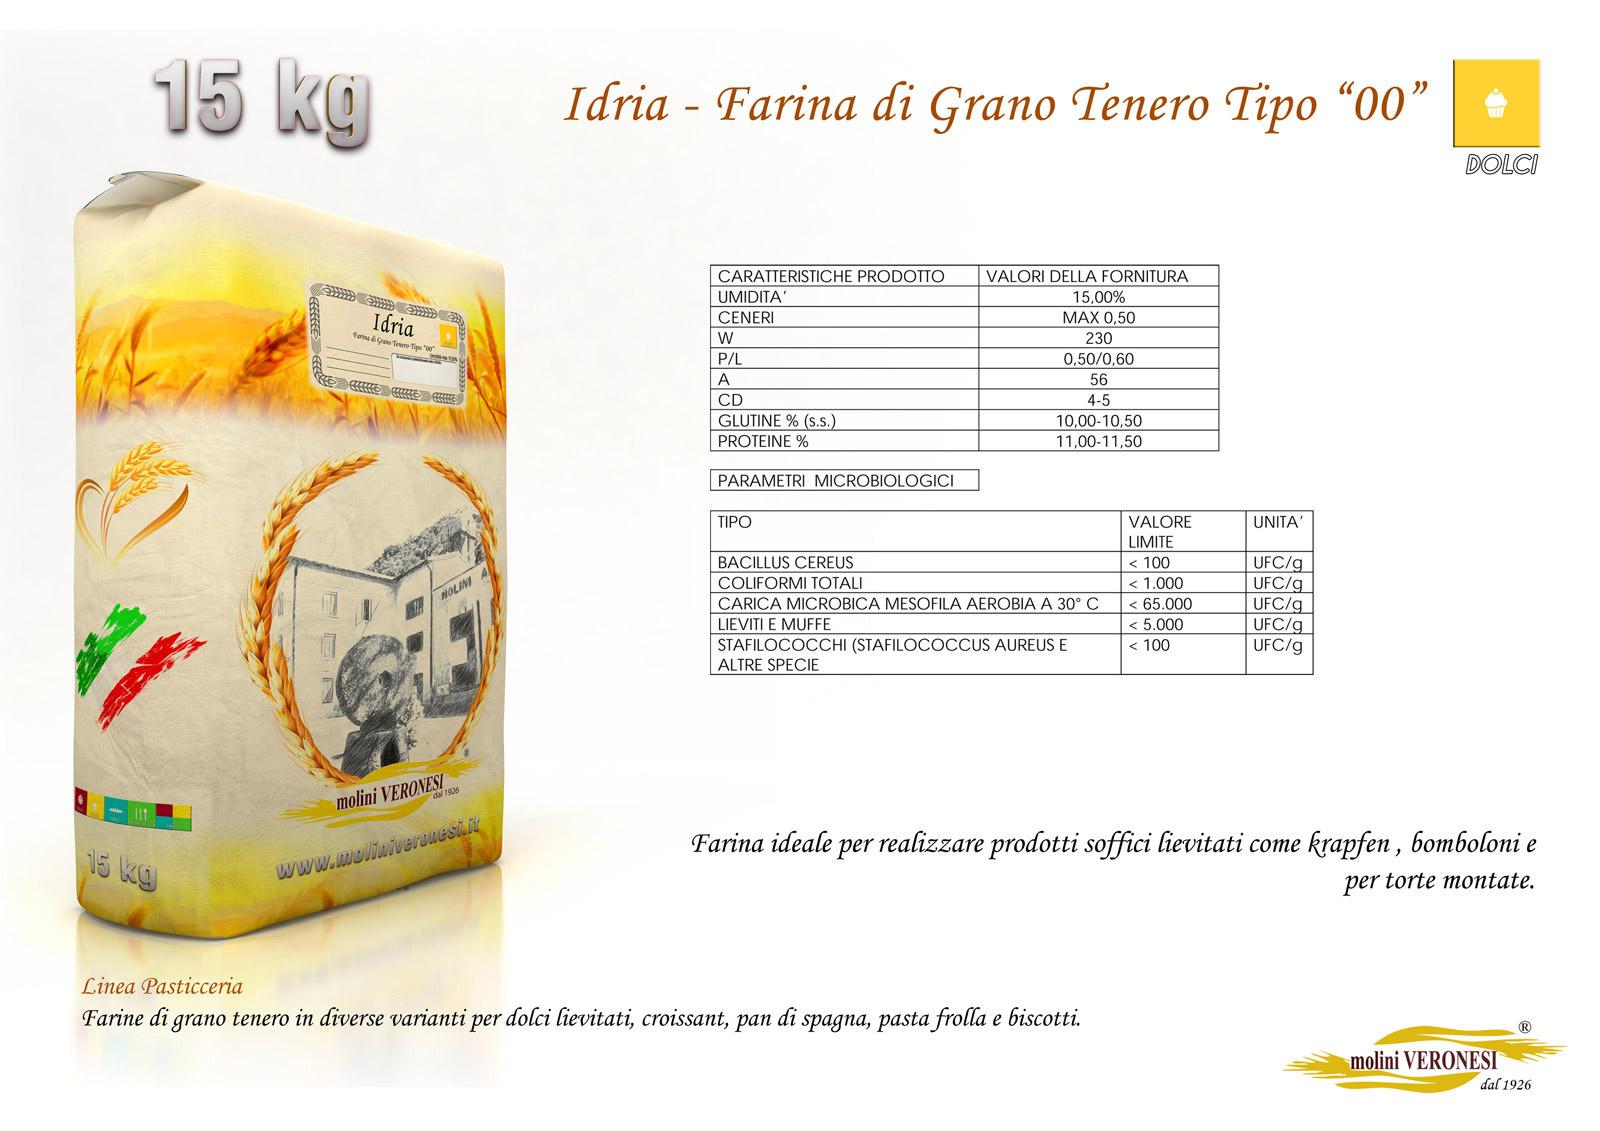 Idria - Farina di Grano Tenero Tipo 00